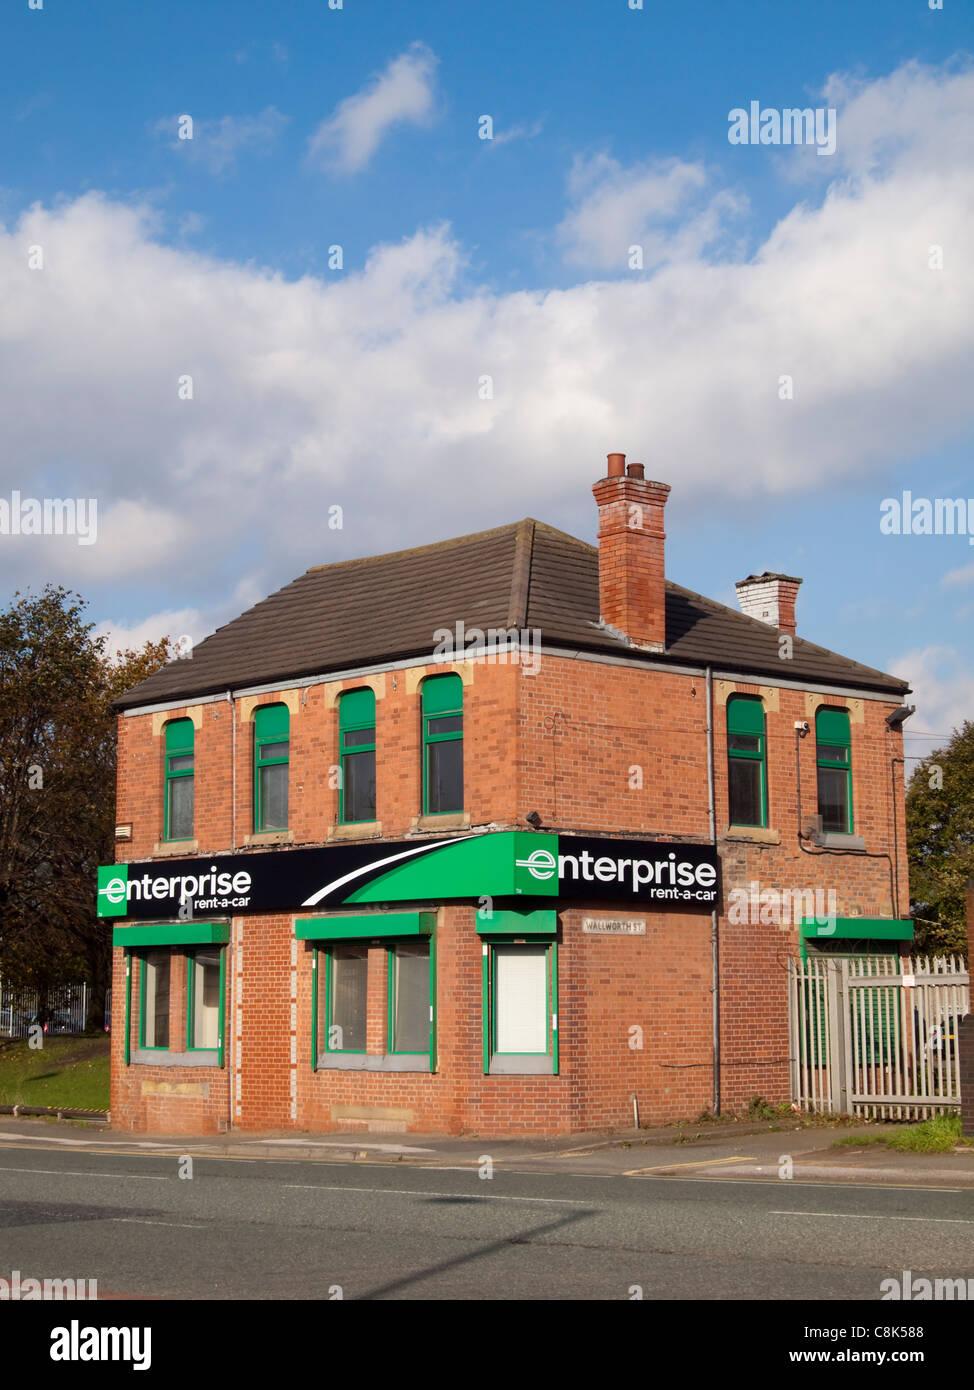 Enterprise Rent A Car Manchester City Centre